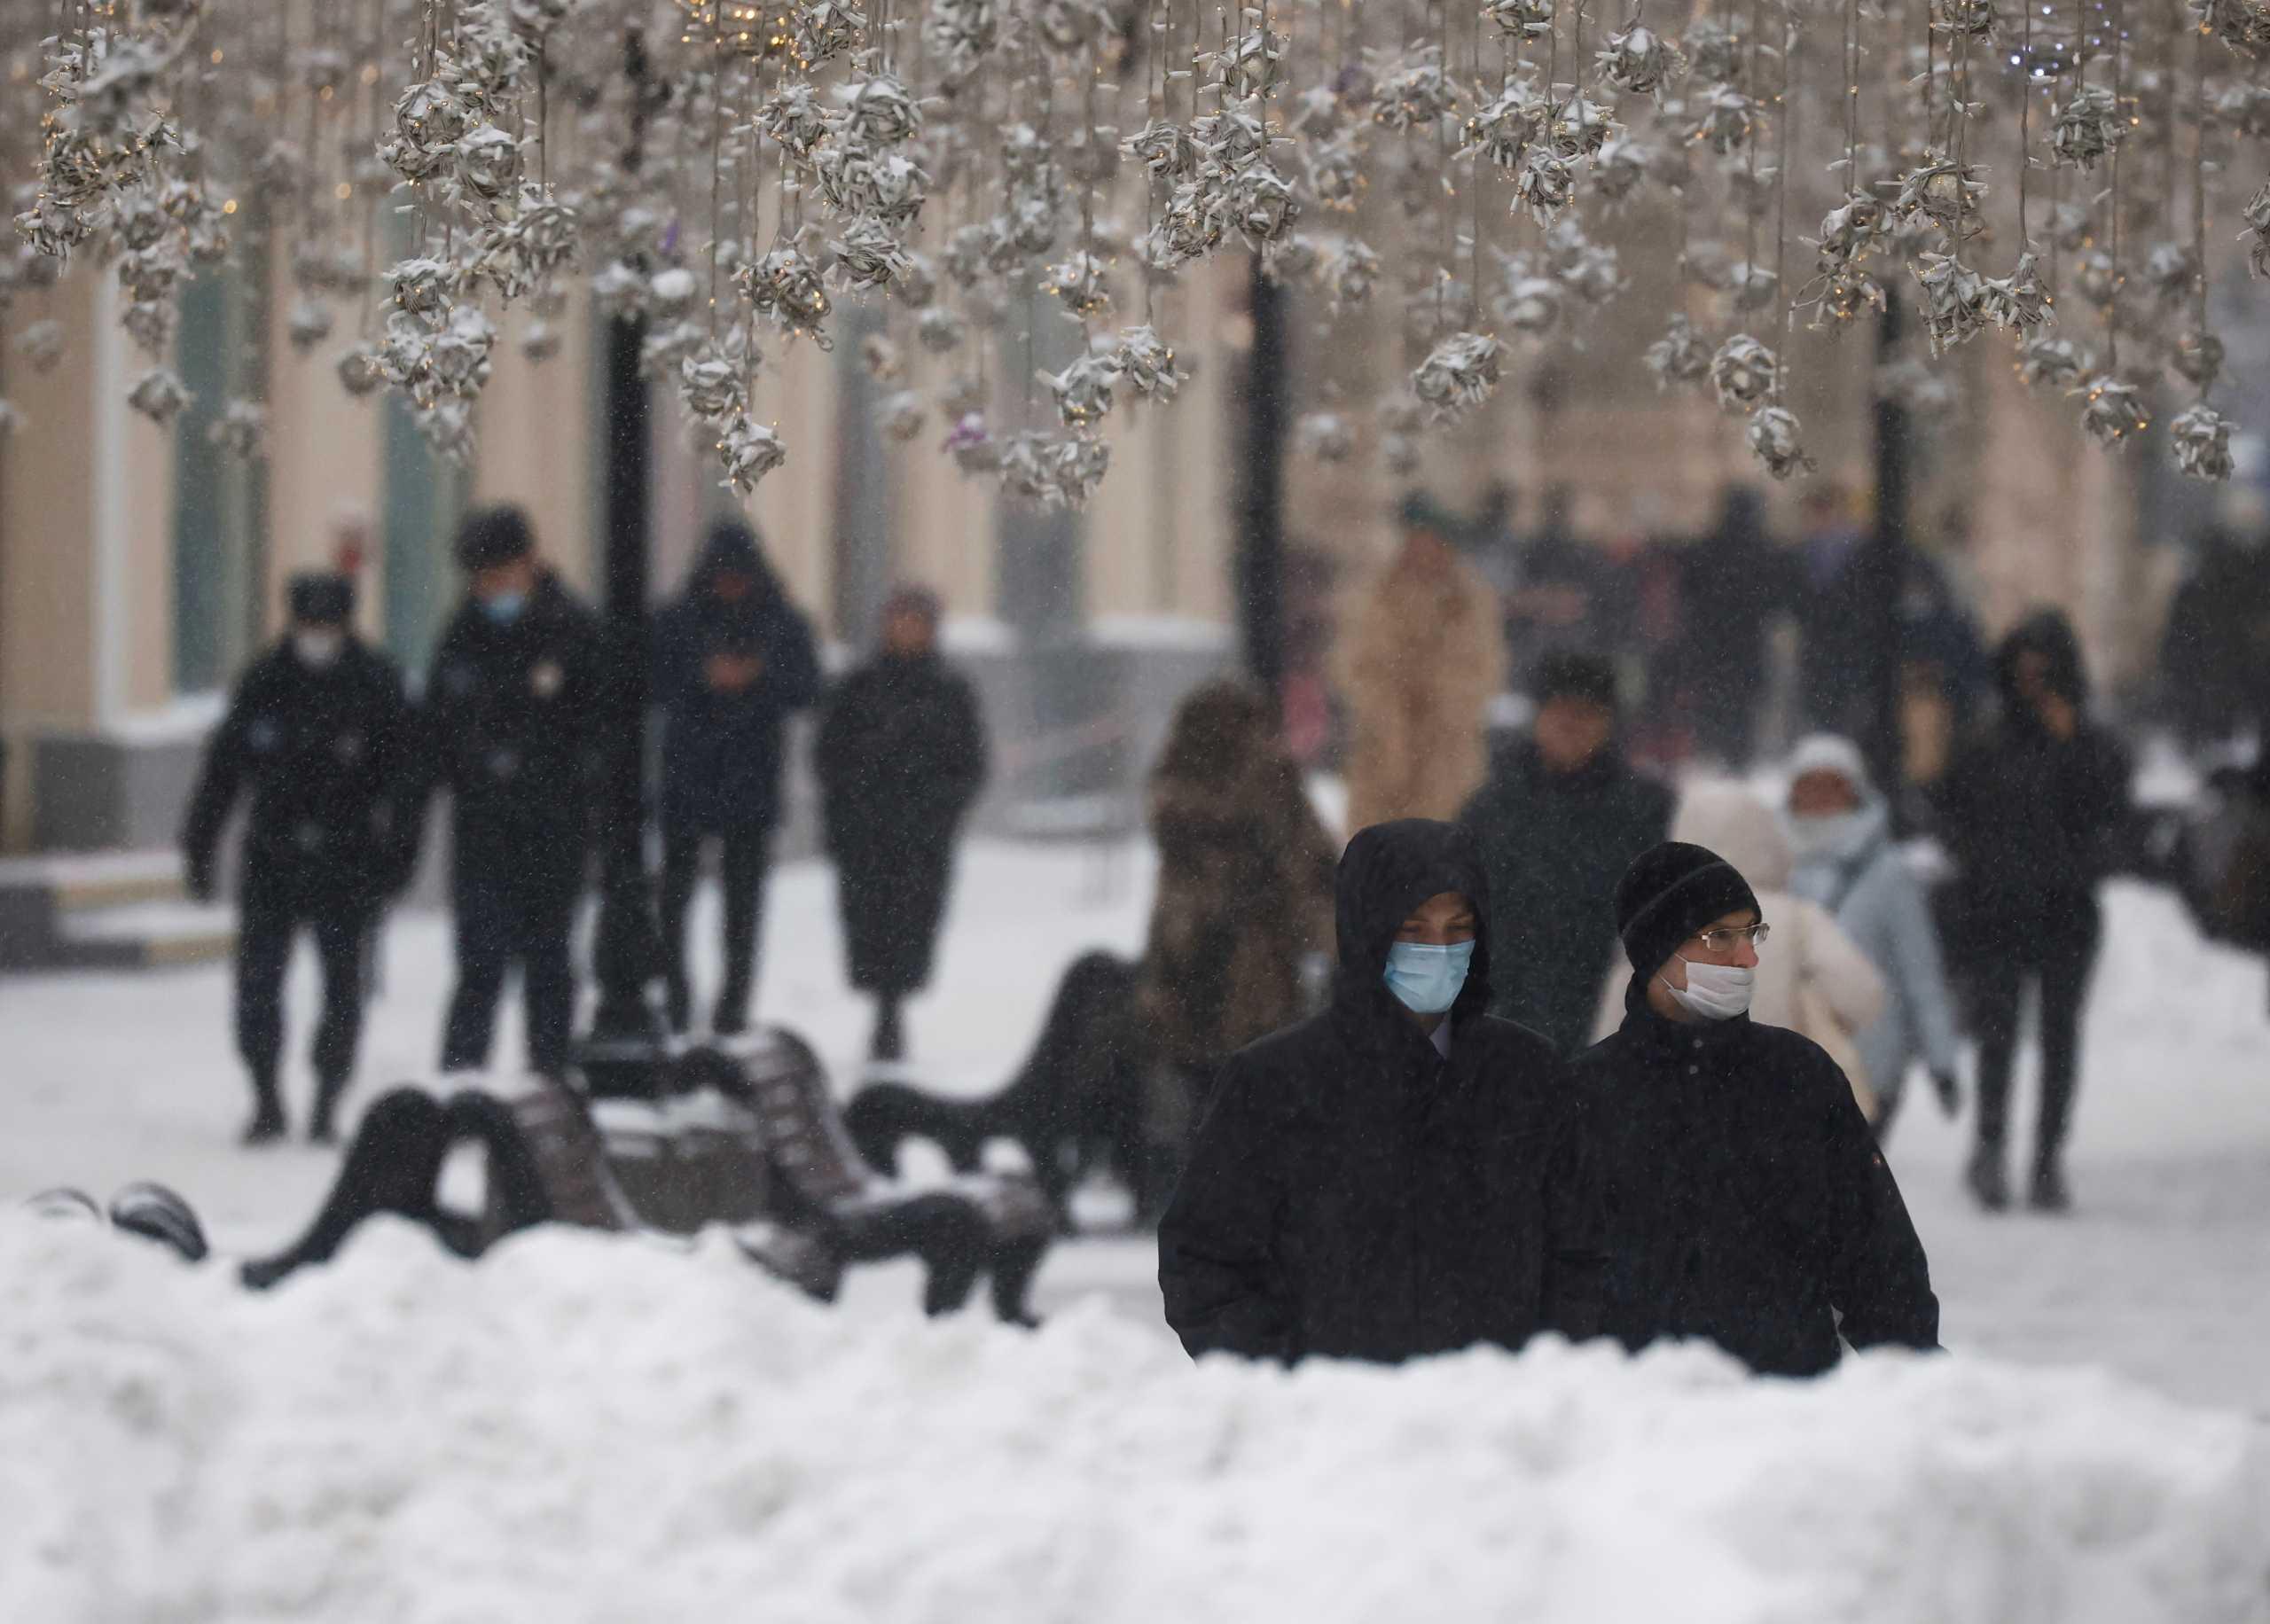 Μόσχα: Κλειστά τα σχολεία έως τις 17 Ιανουαρίου και βάλε λόγω κορονοϊού